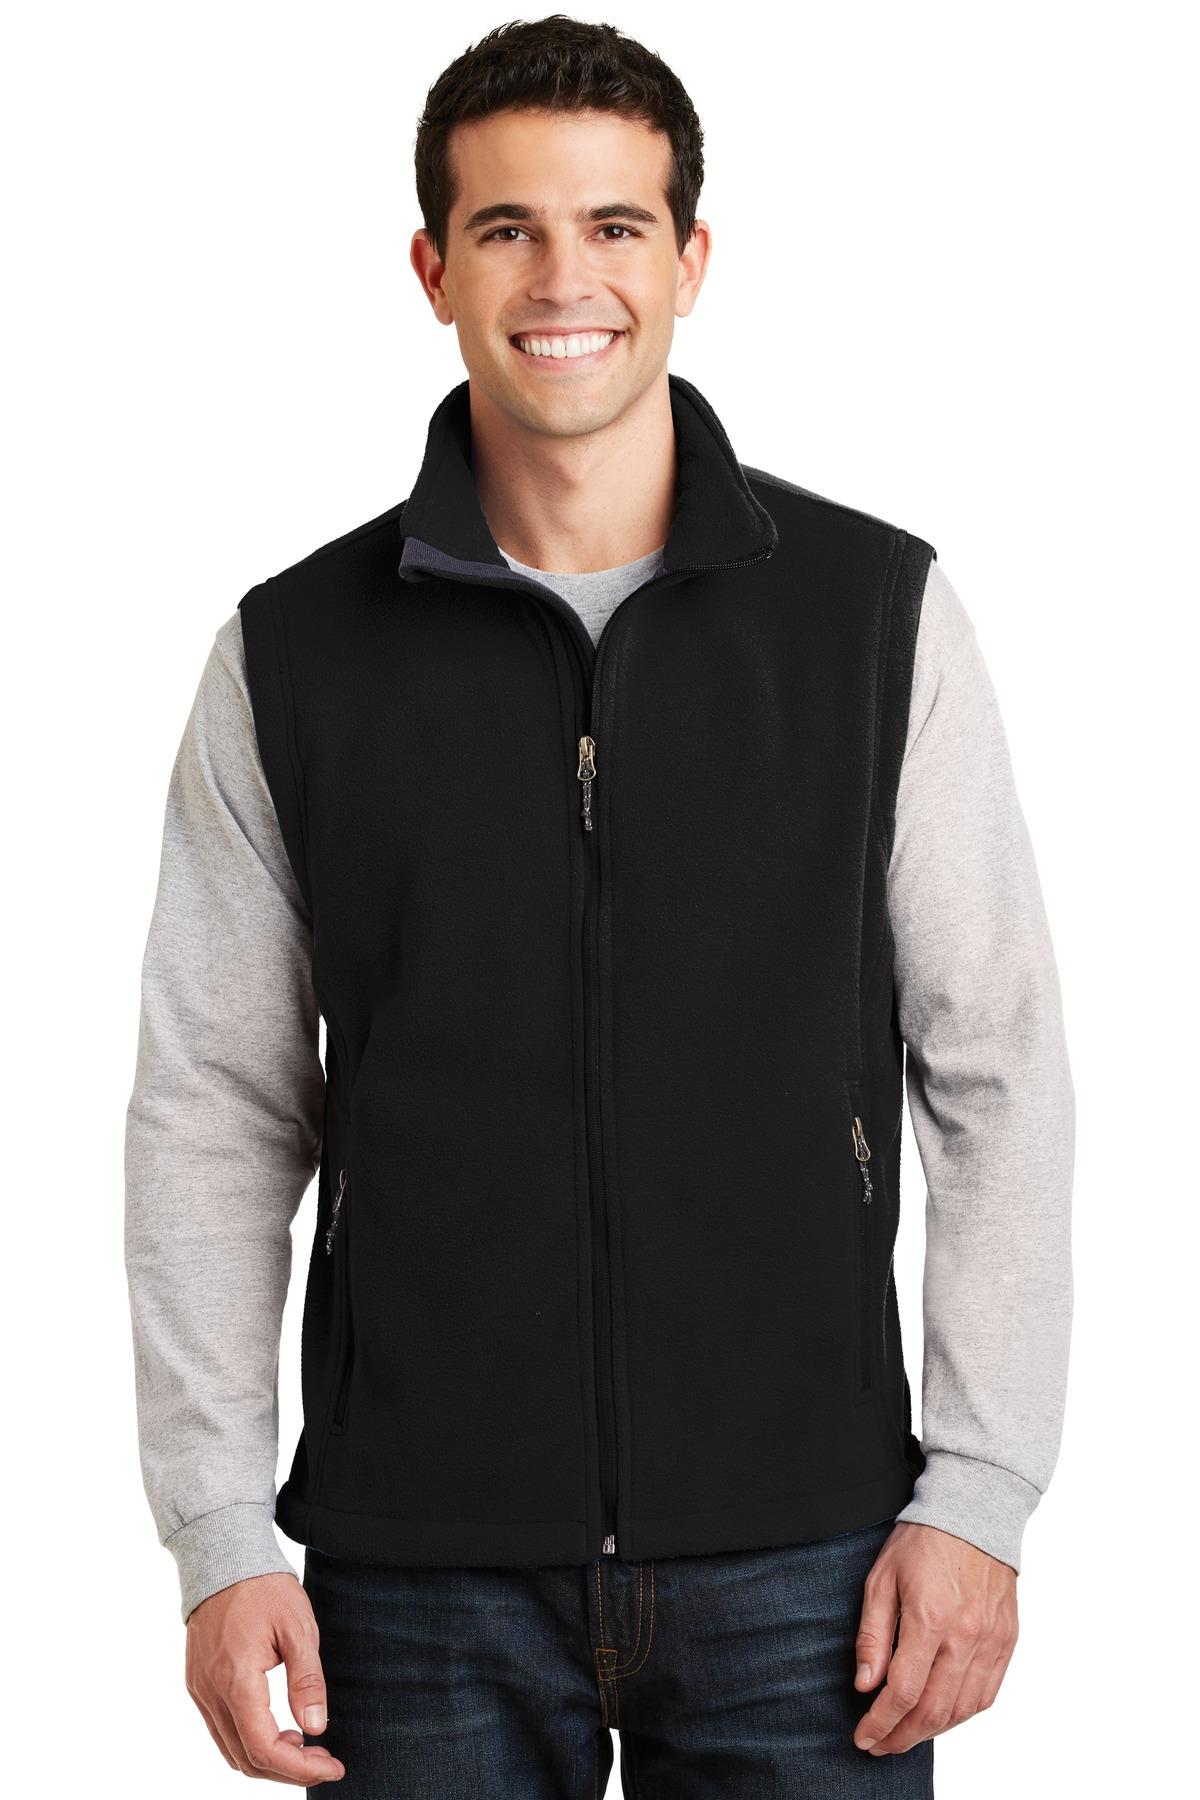 F219 Port Authority® Value Fleece Vest.-Port Authority